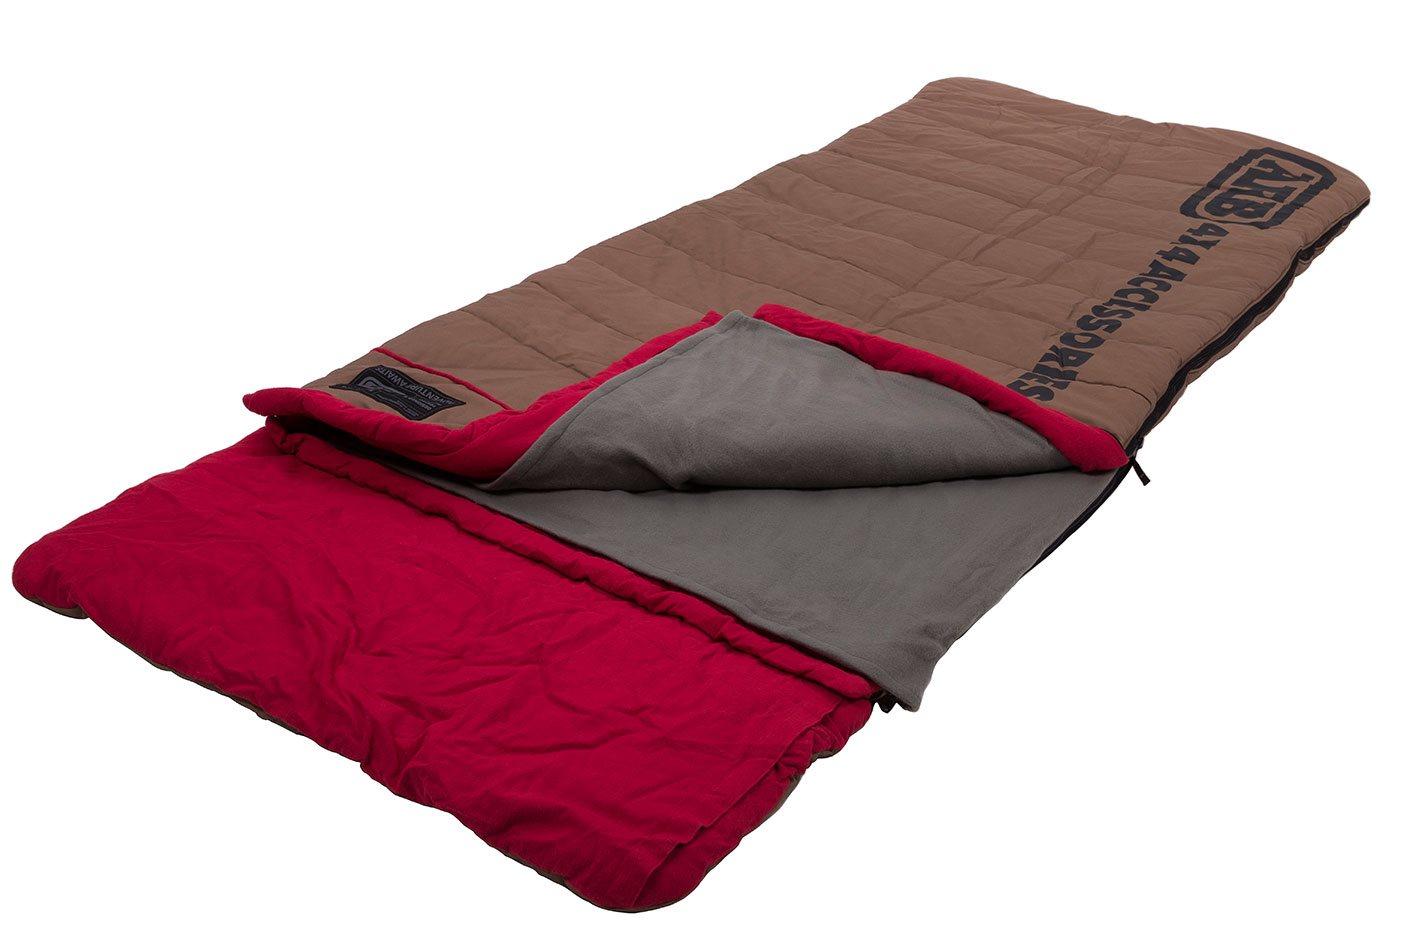 ARB's-Deluxe-Sleeping-Bag.jpg